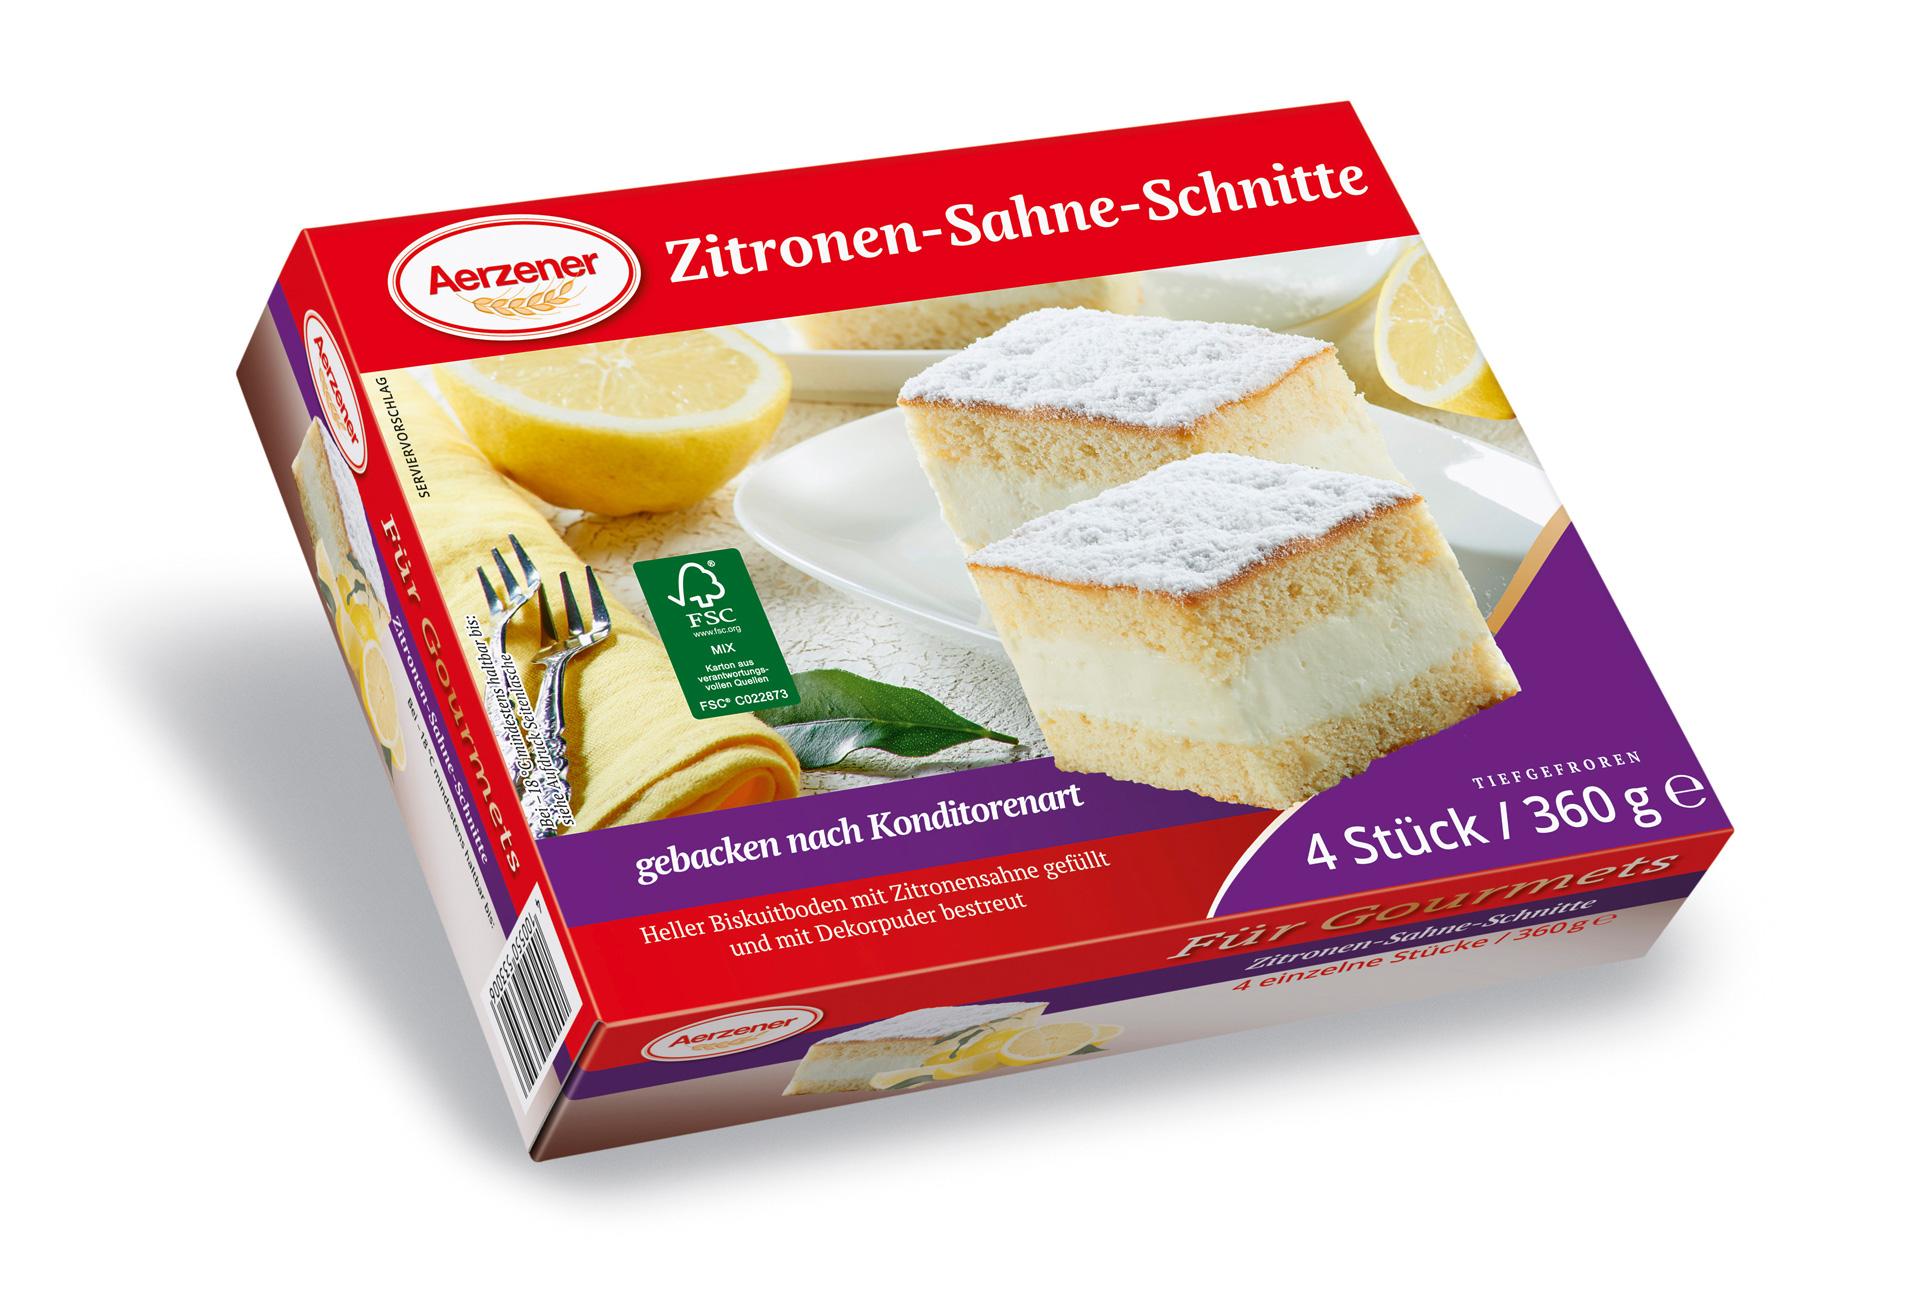 Zitronen-Sahne-Schnitte